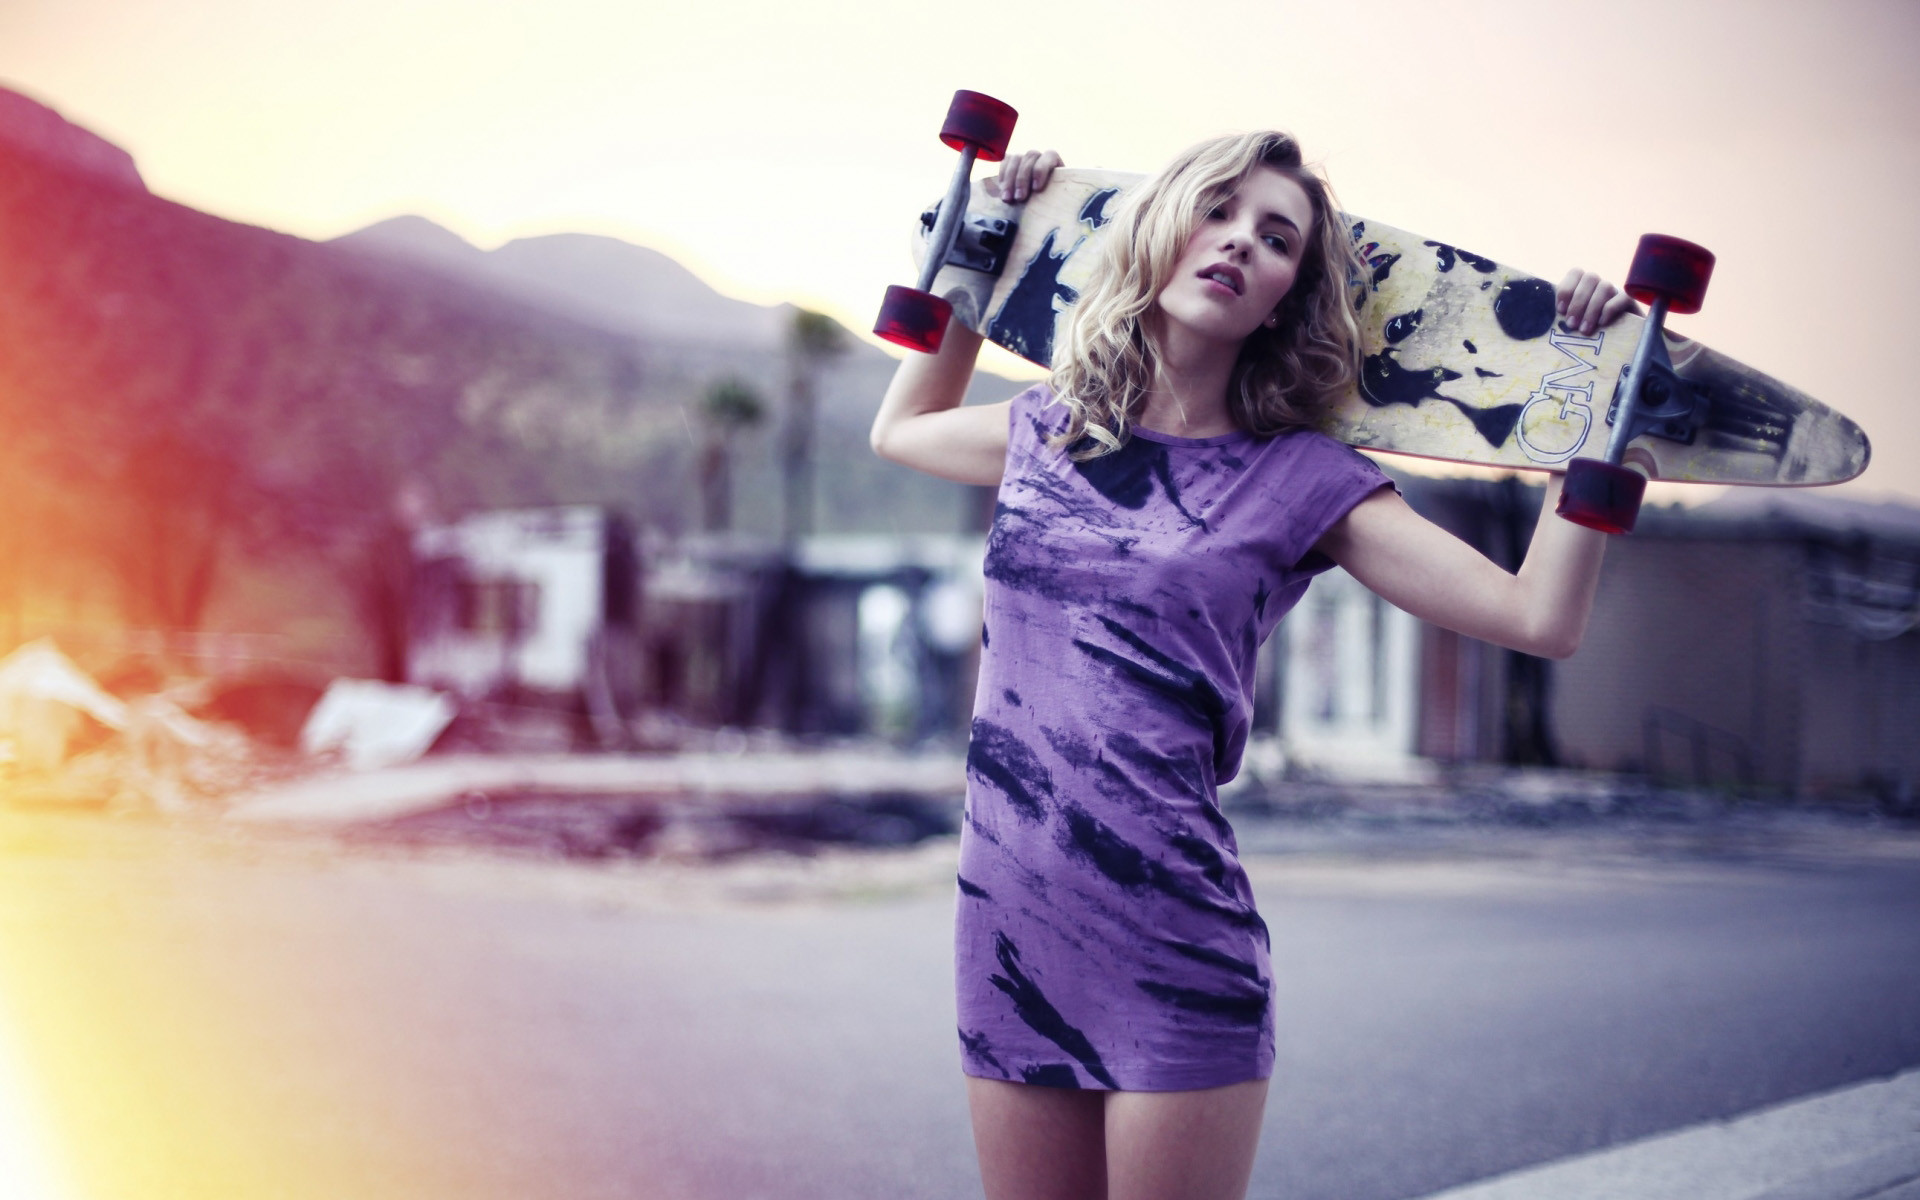 Beauty Girl Skateboard HD Wallpaper